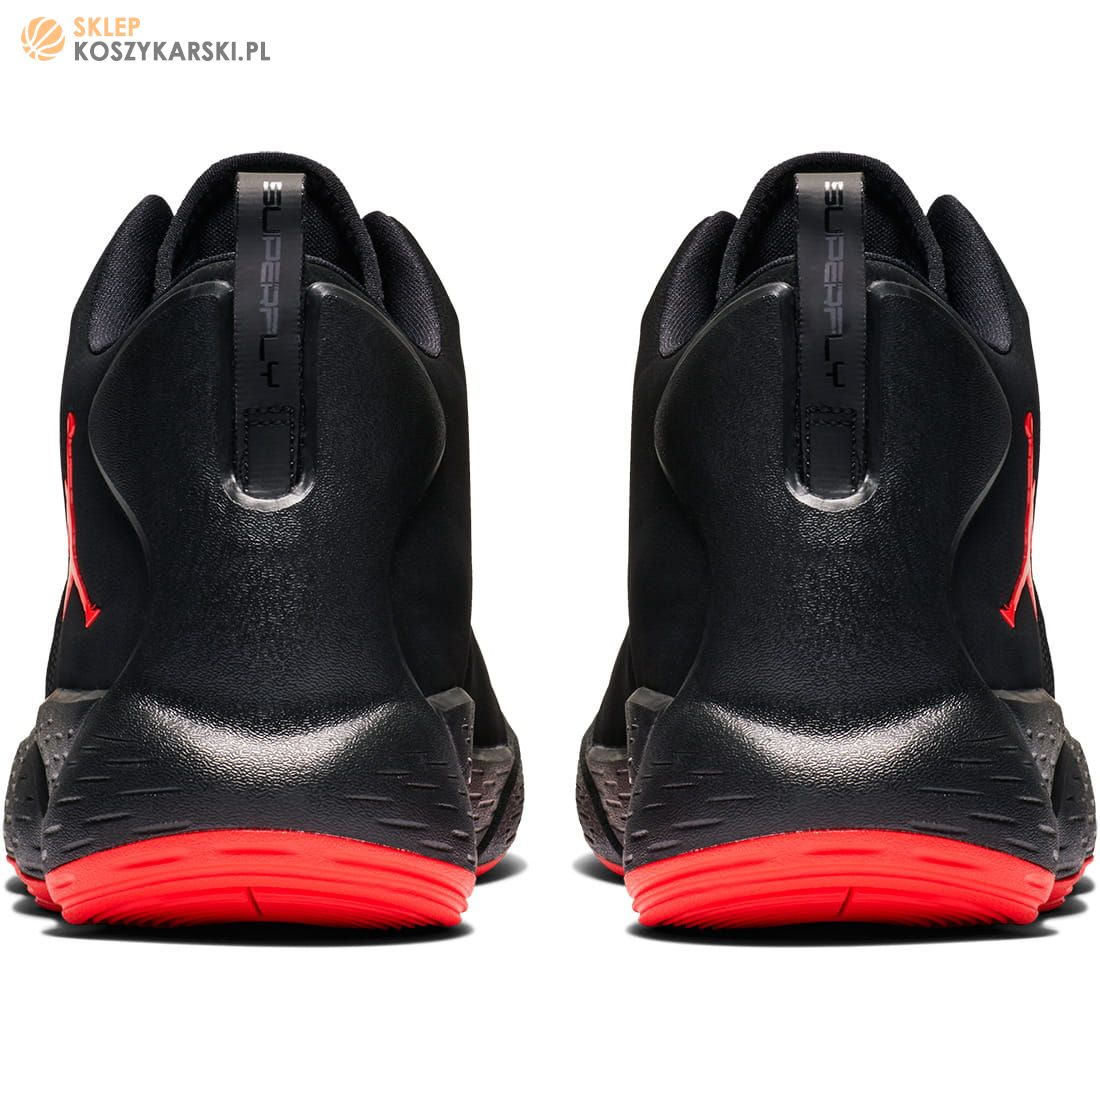 Buty do koszykówki Jordan Super.Fly MVP (AR0037 060)